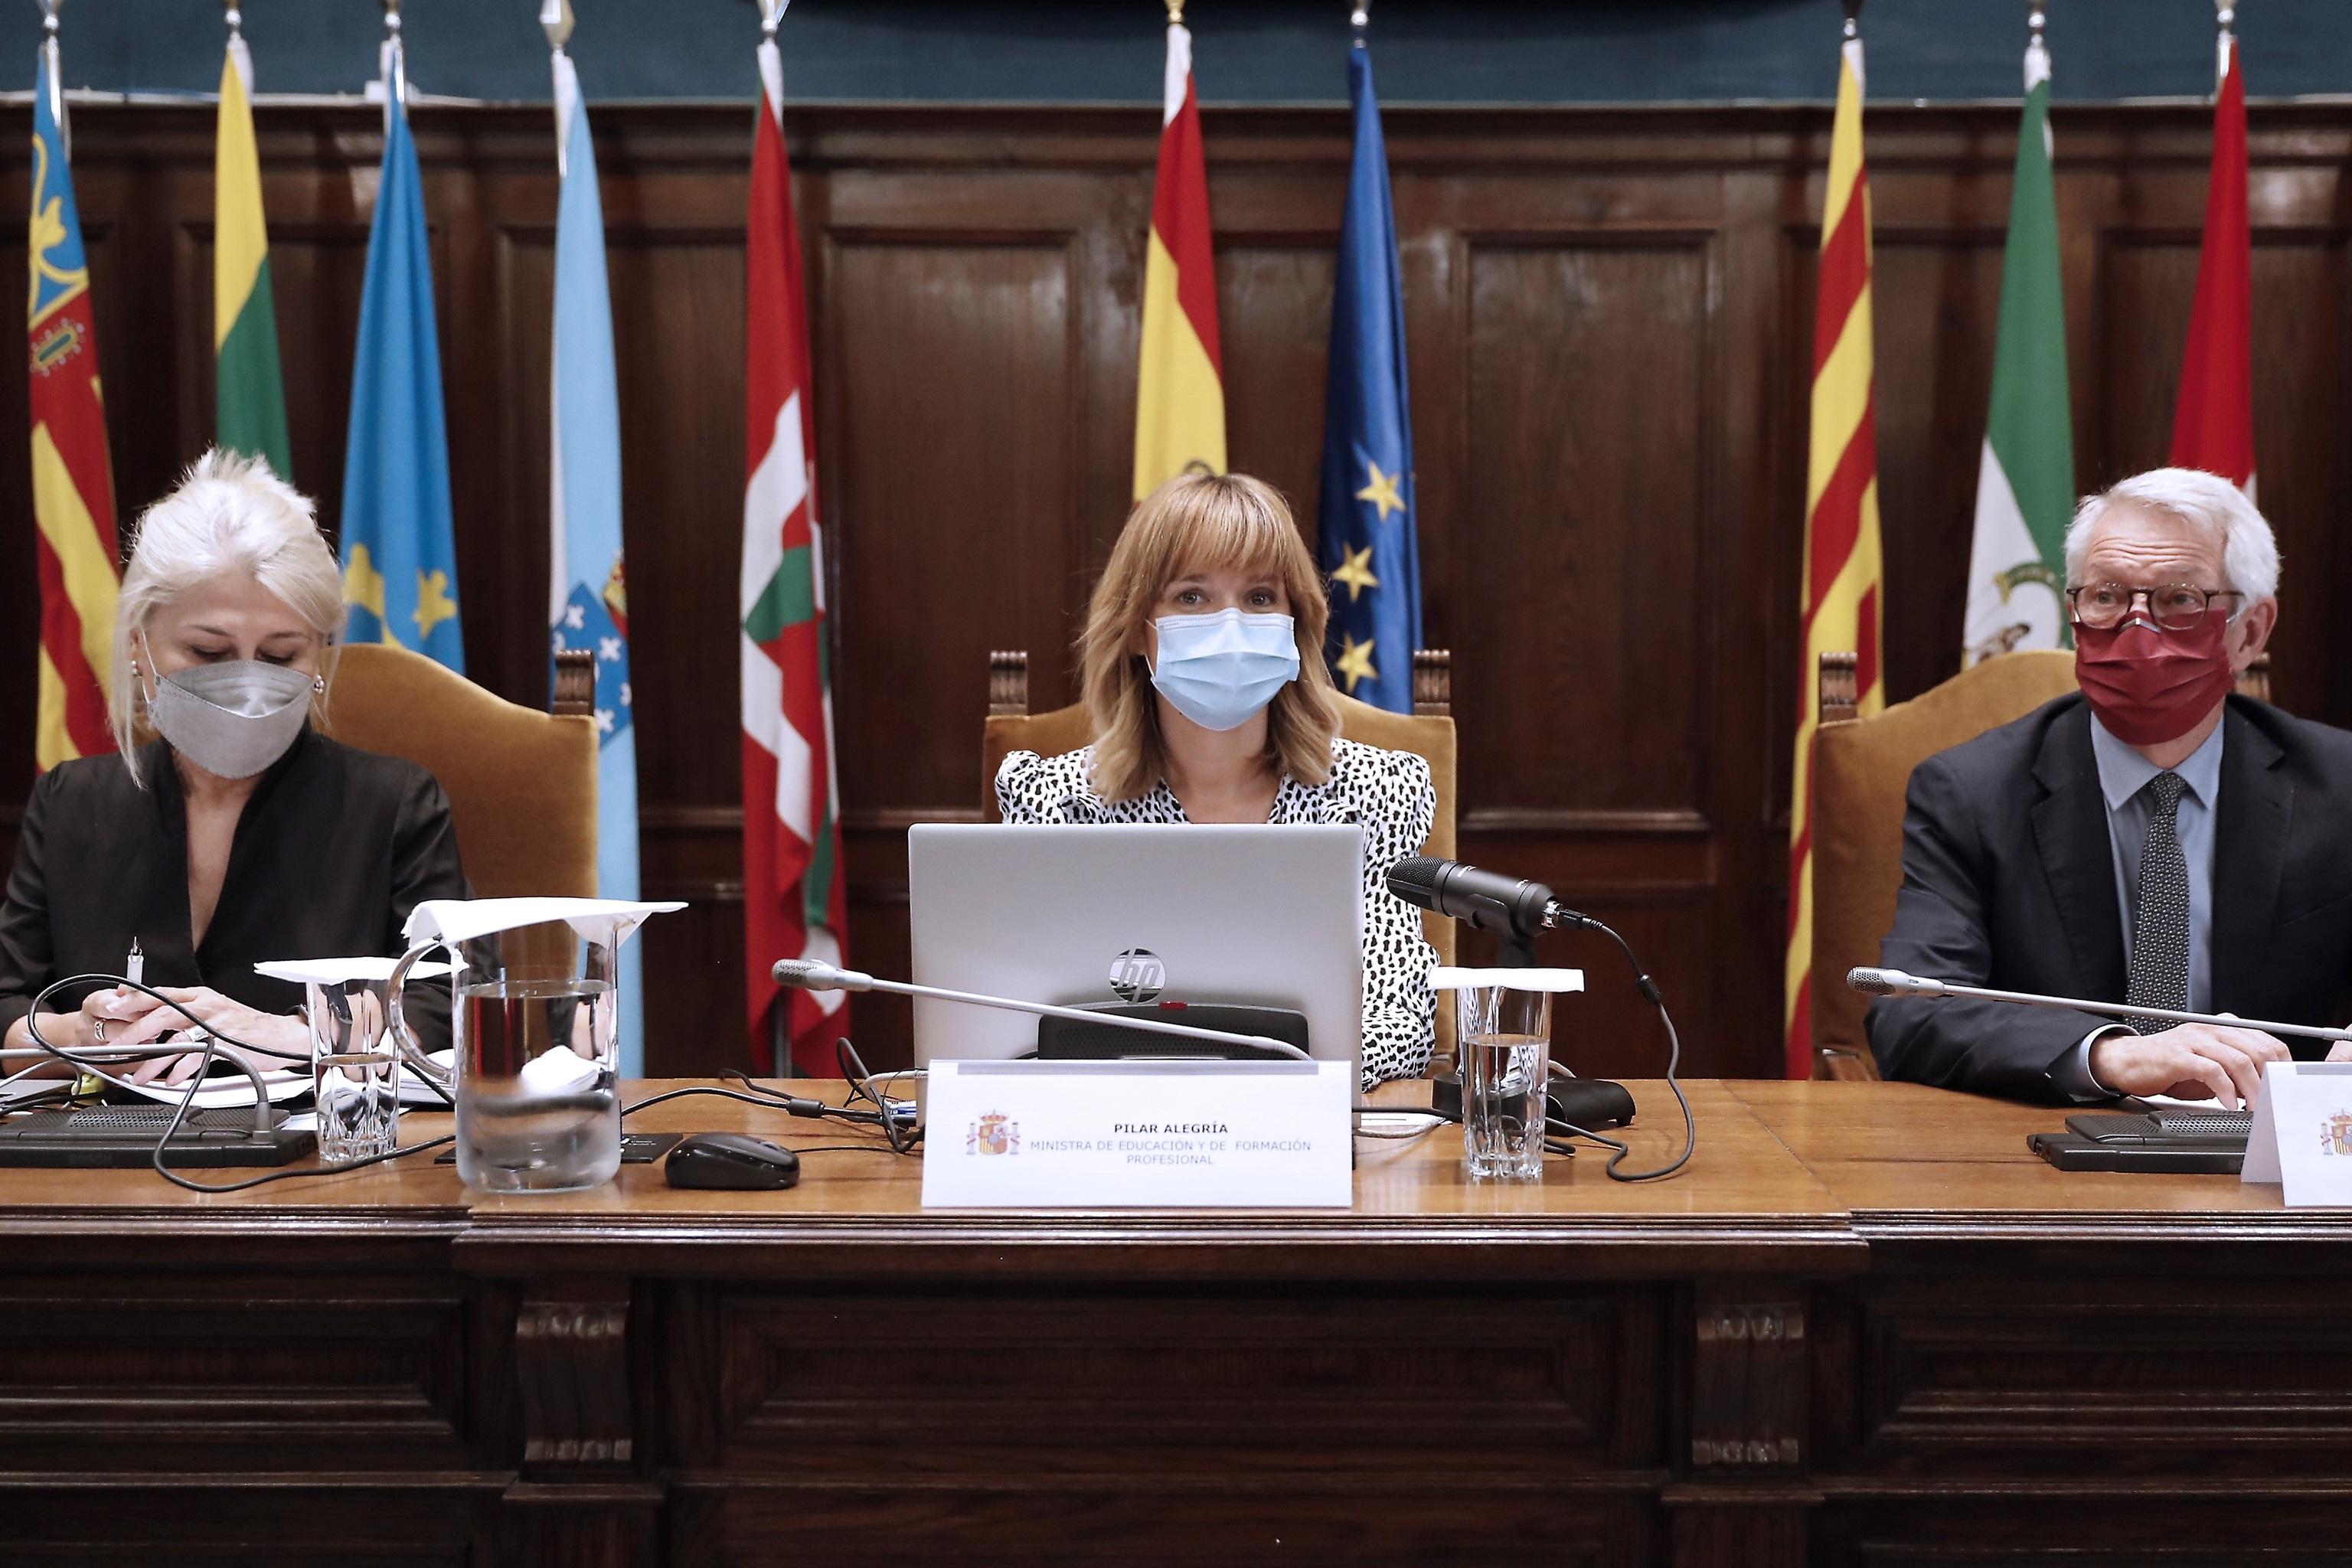 Ministre Pilar Alegría, entre le président du Conseil, Encarna Cuenca, et le secrétaire d'État, Alejandro Tiana.